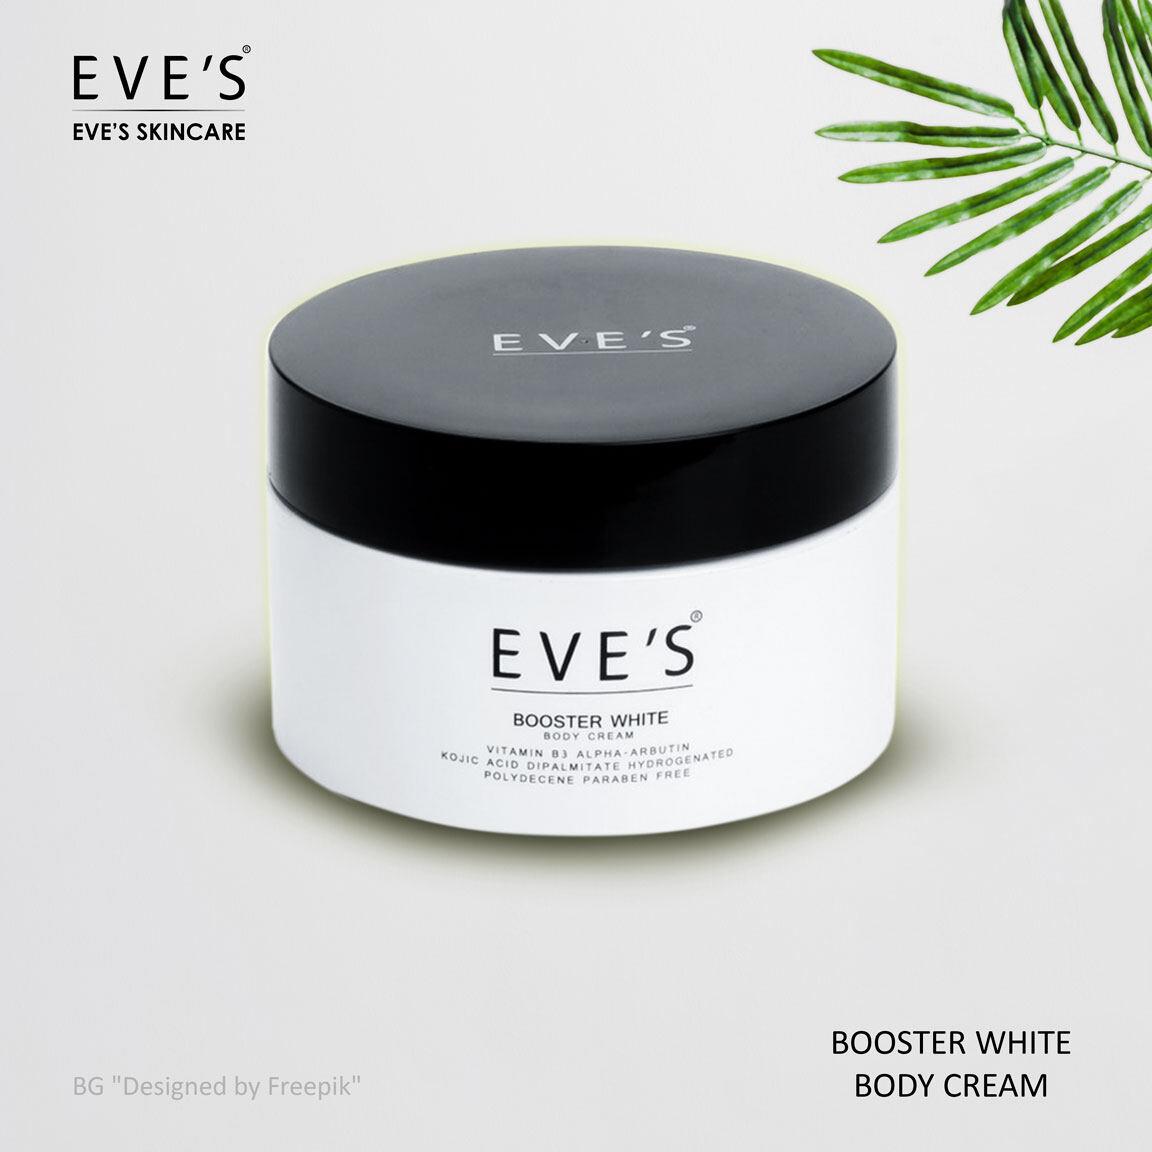 Booster White Body Cream (ครีมบูสเตอร์) Eves ครีมปรับผิวใส ครีมทาท้องลาย ผิวแตกลาย ก้นลาย รักแร้ดำ ครีมคนท้อง ลดจุดด่างดำ Eves.